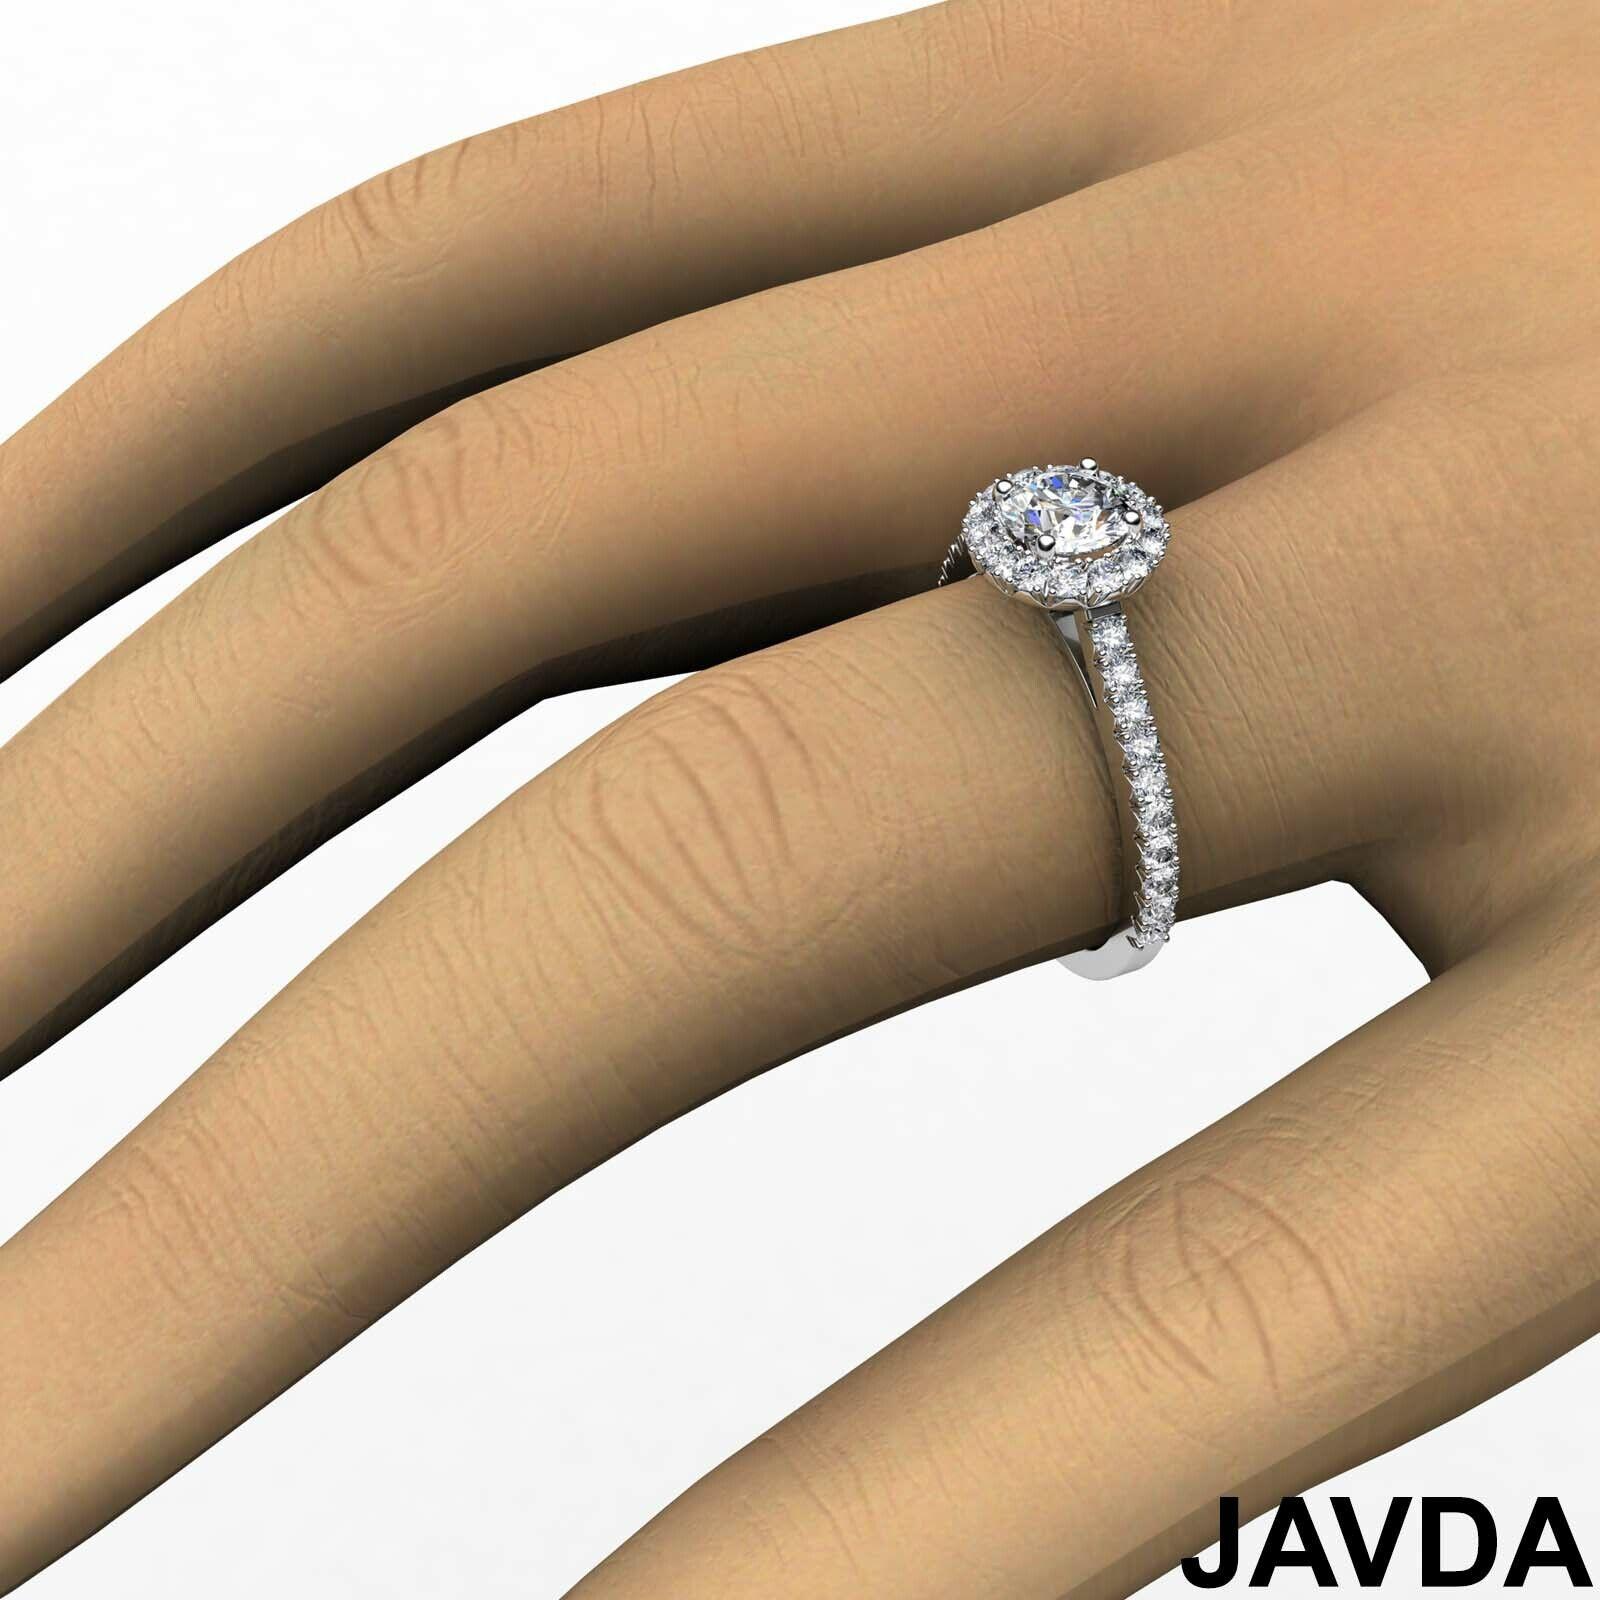 1.5ctw Double Prong Round Diamond Engagement Ring GIA E-VS2 White Gold Women New 4